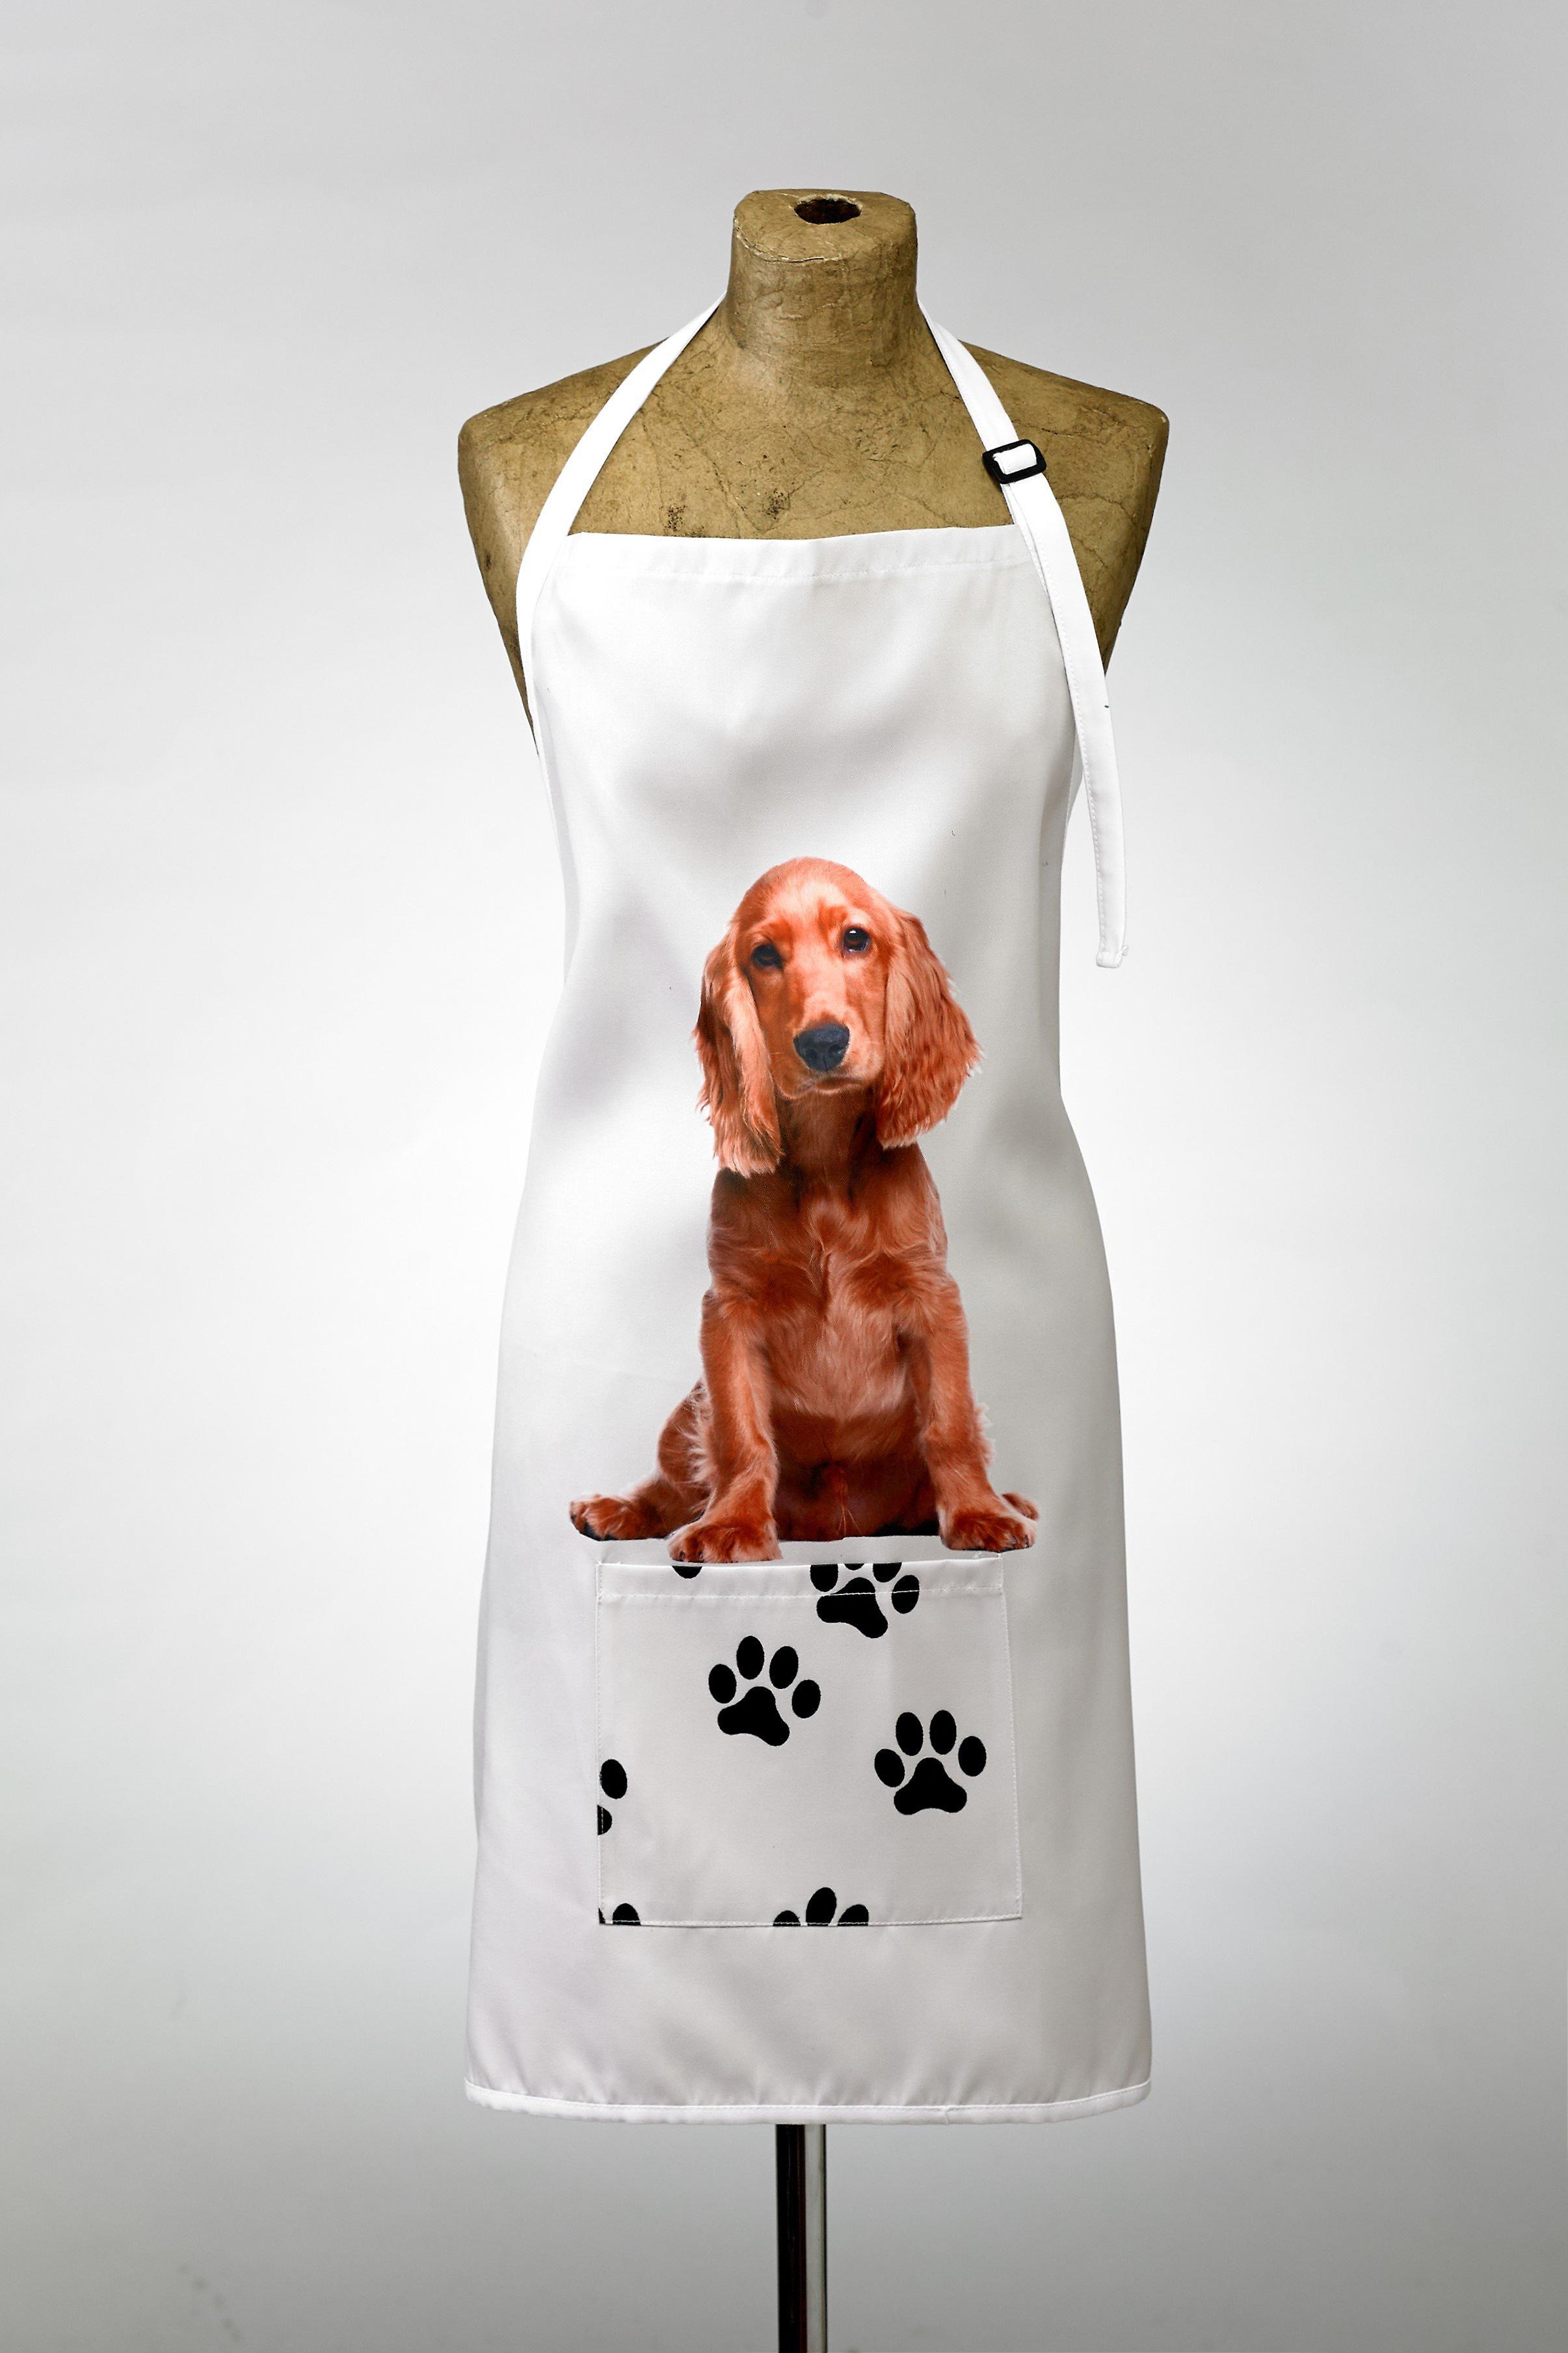 Adorable cocker spaniel design apron